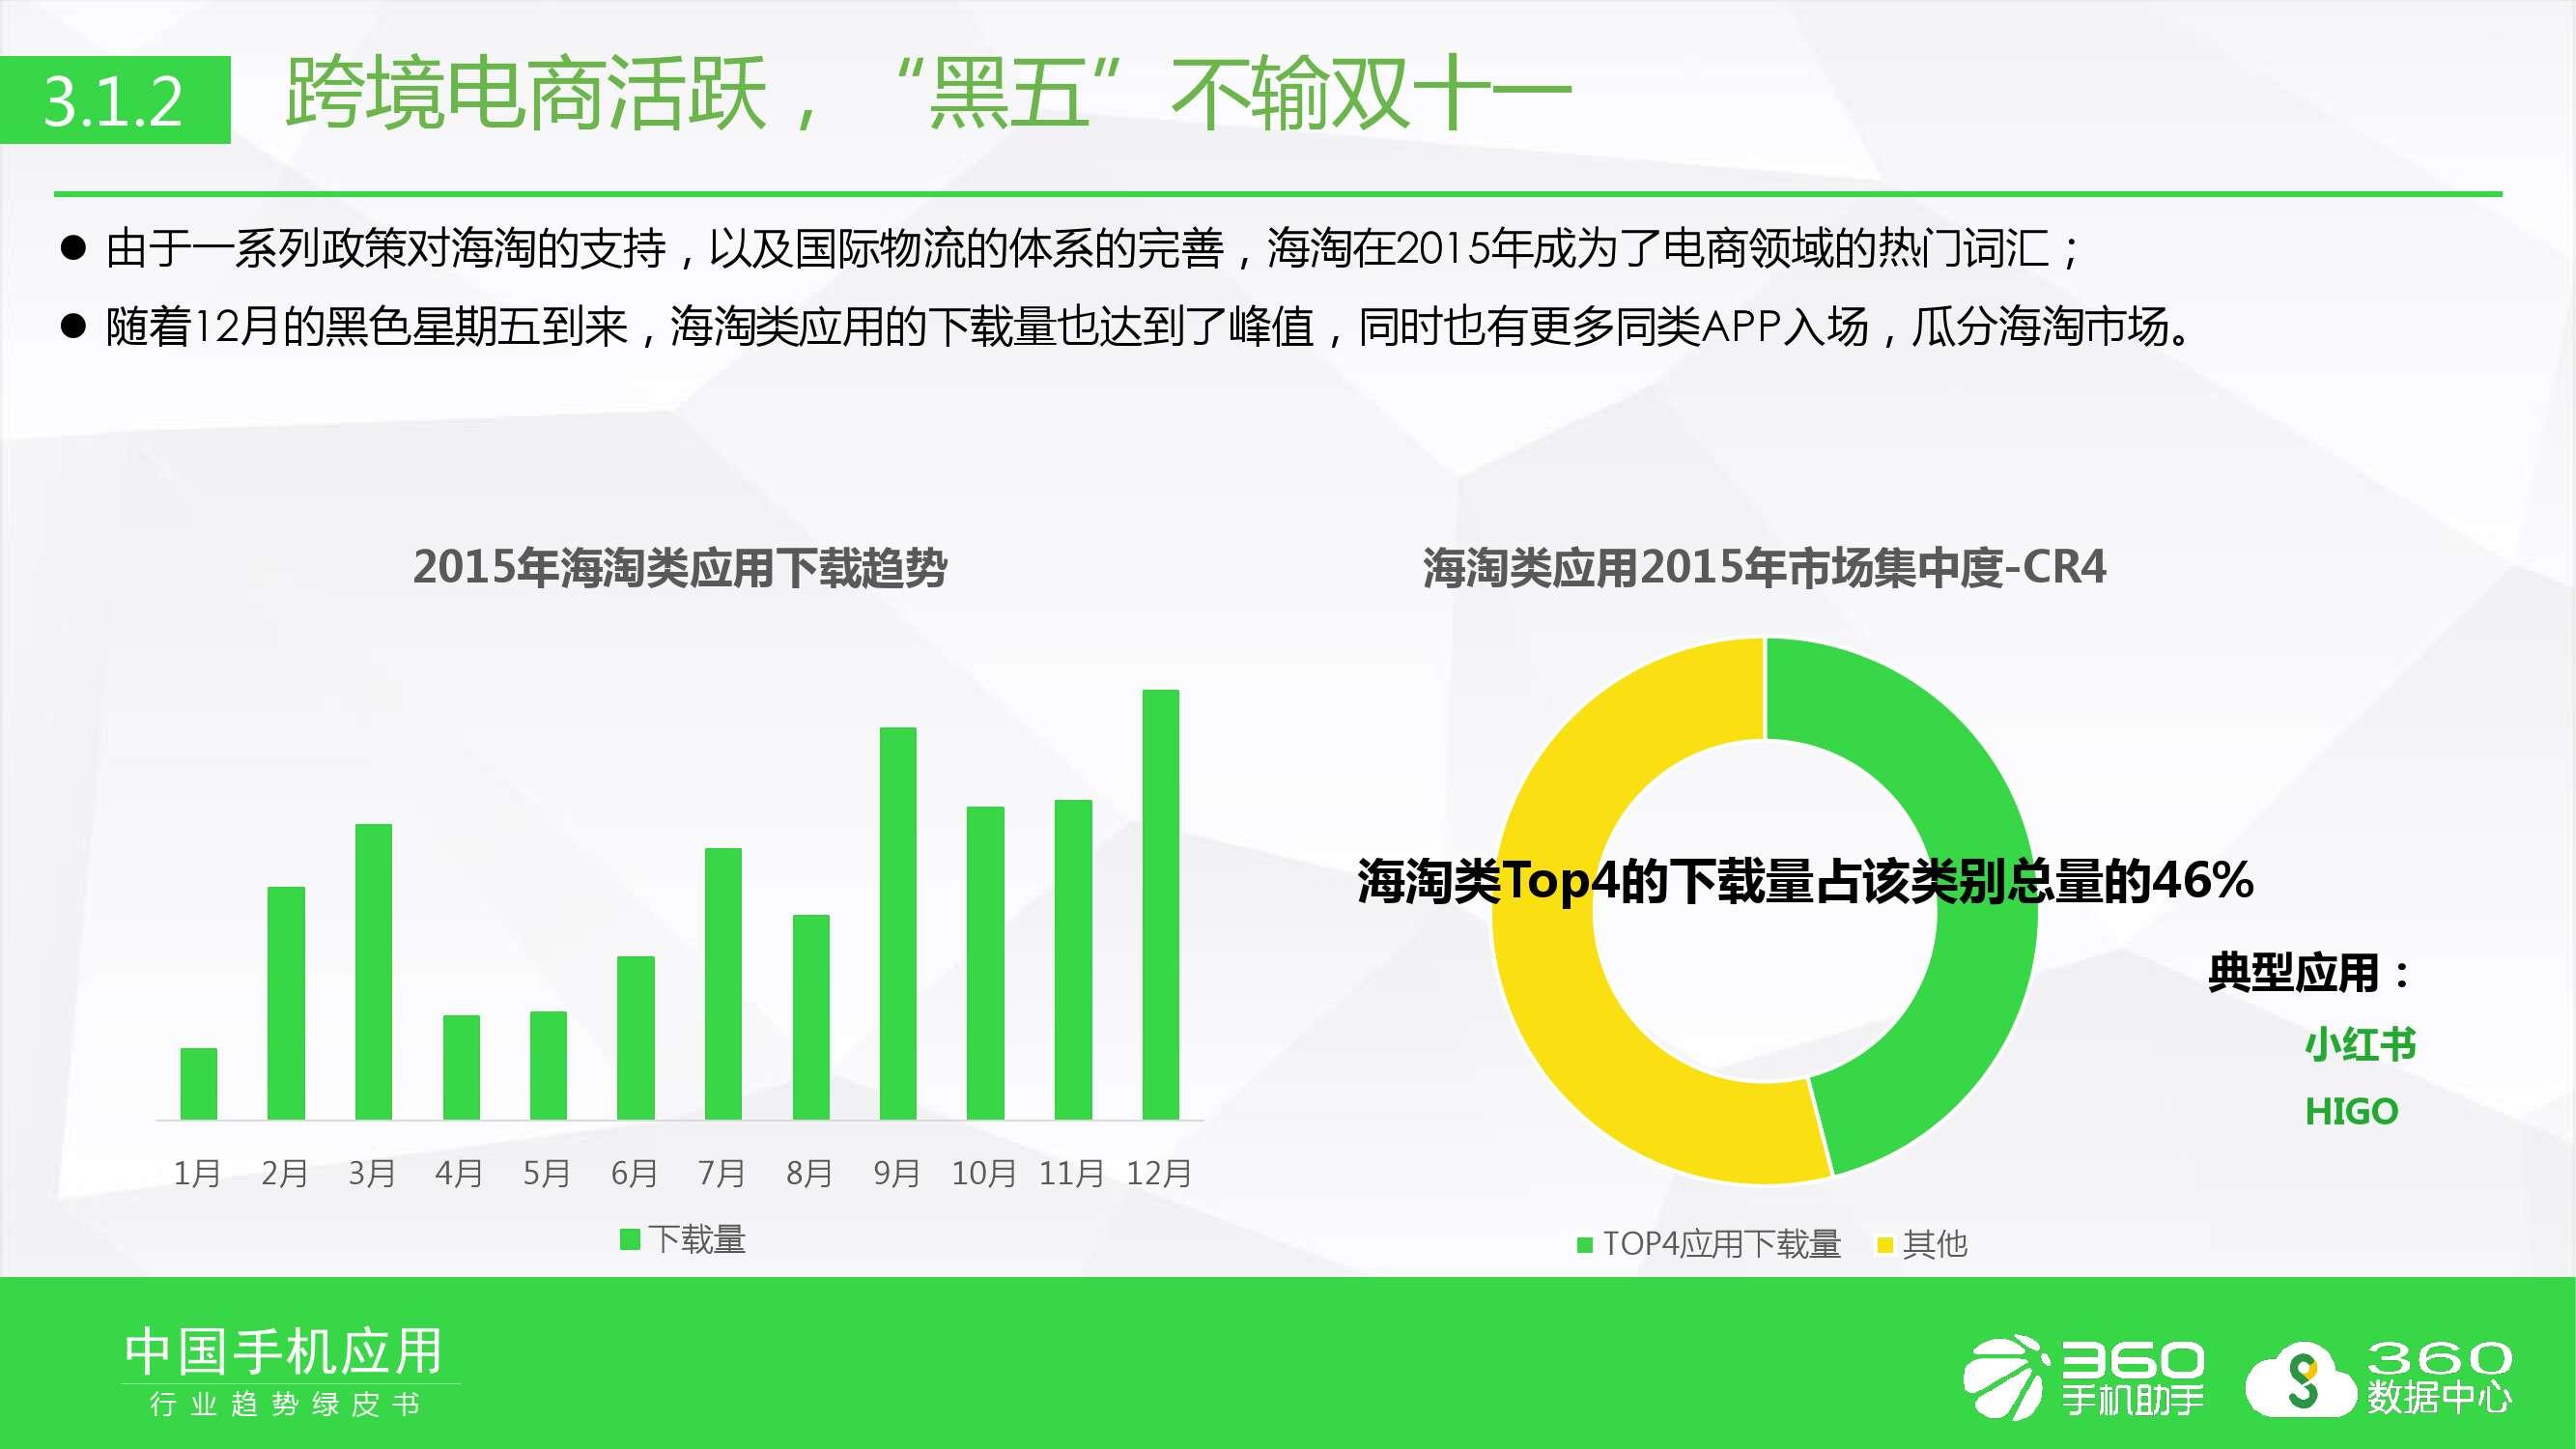 2016年手机软件行业趋势绿皮书_000024